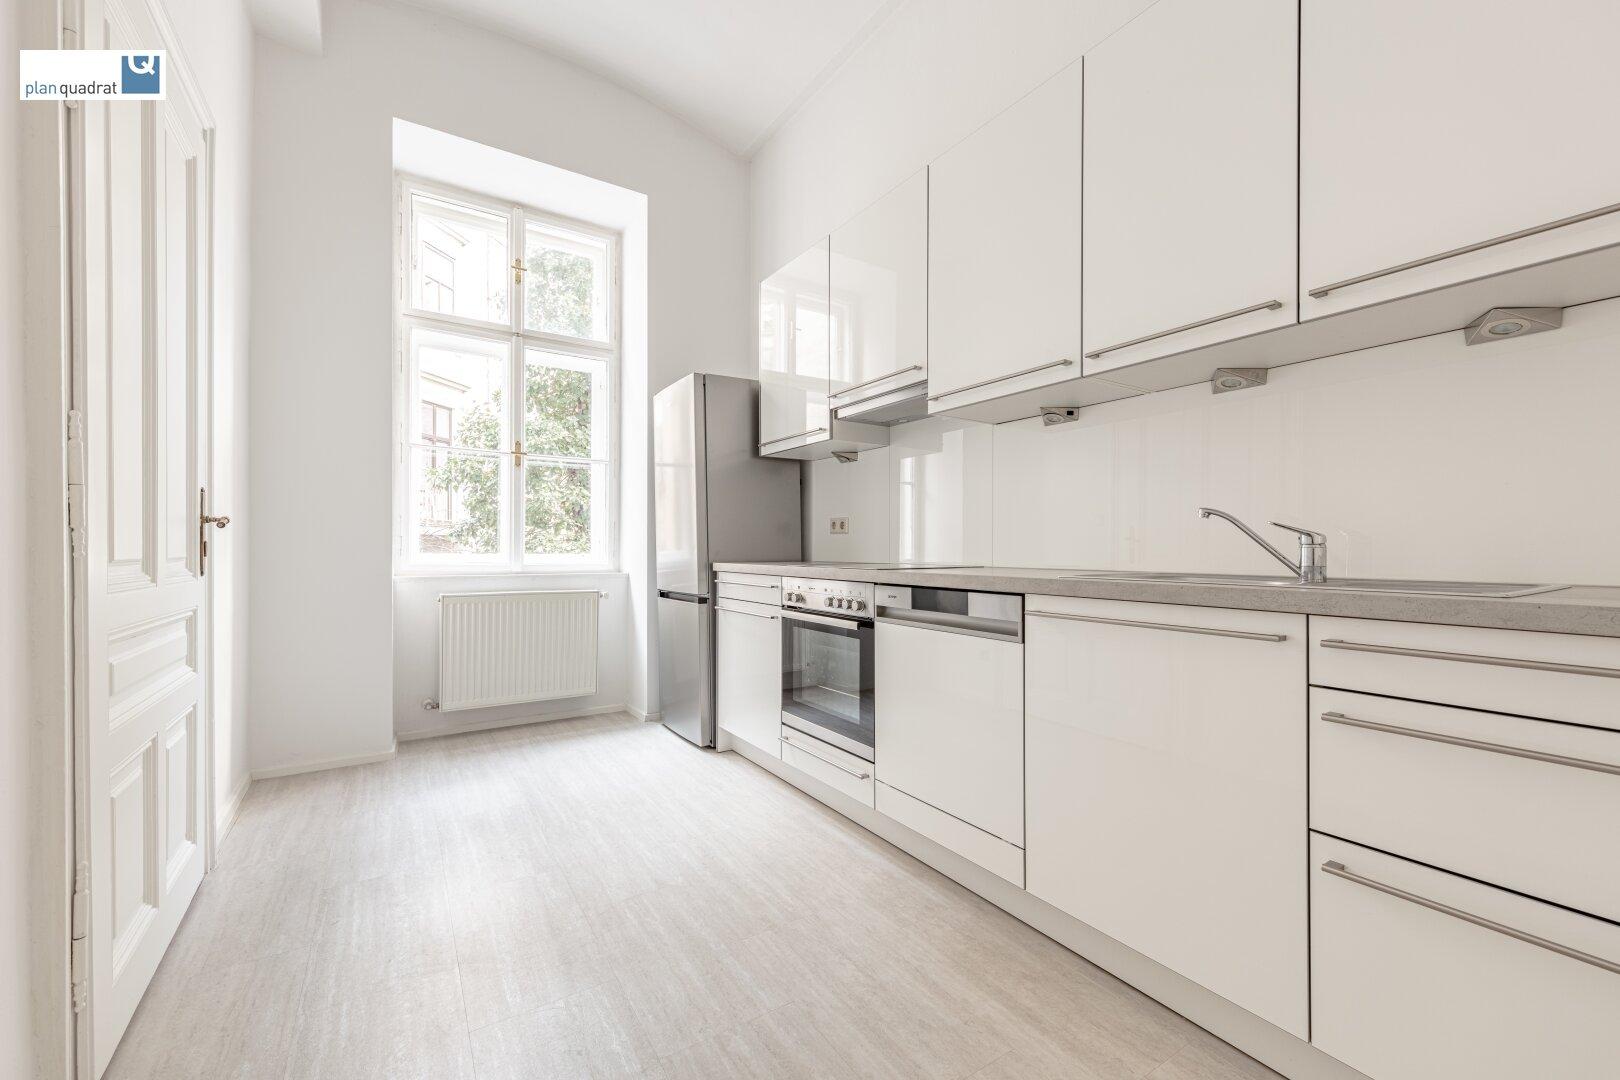 Küche (mit Küchenzeile inkl. Geräte)